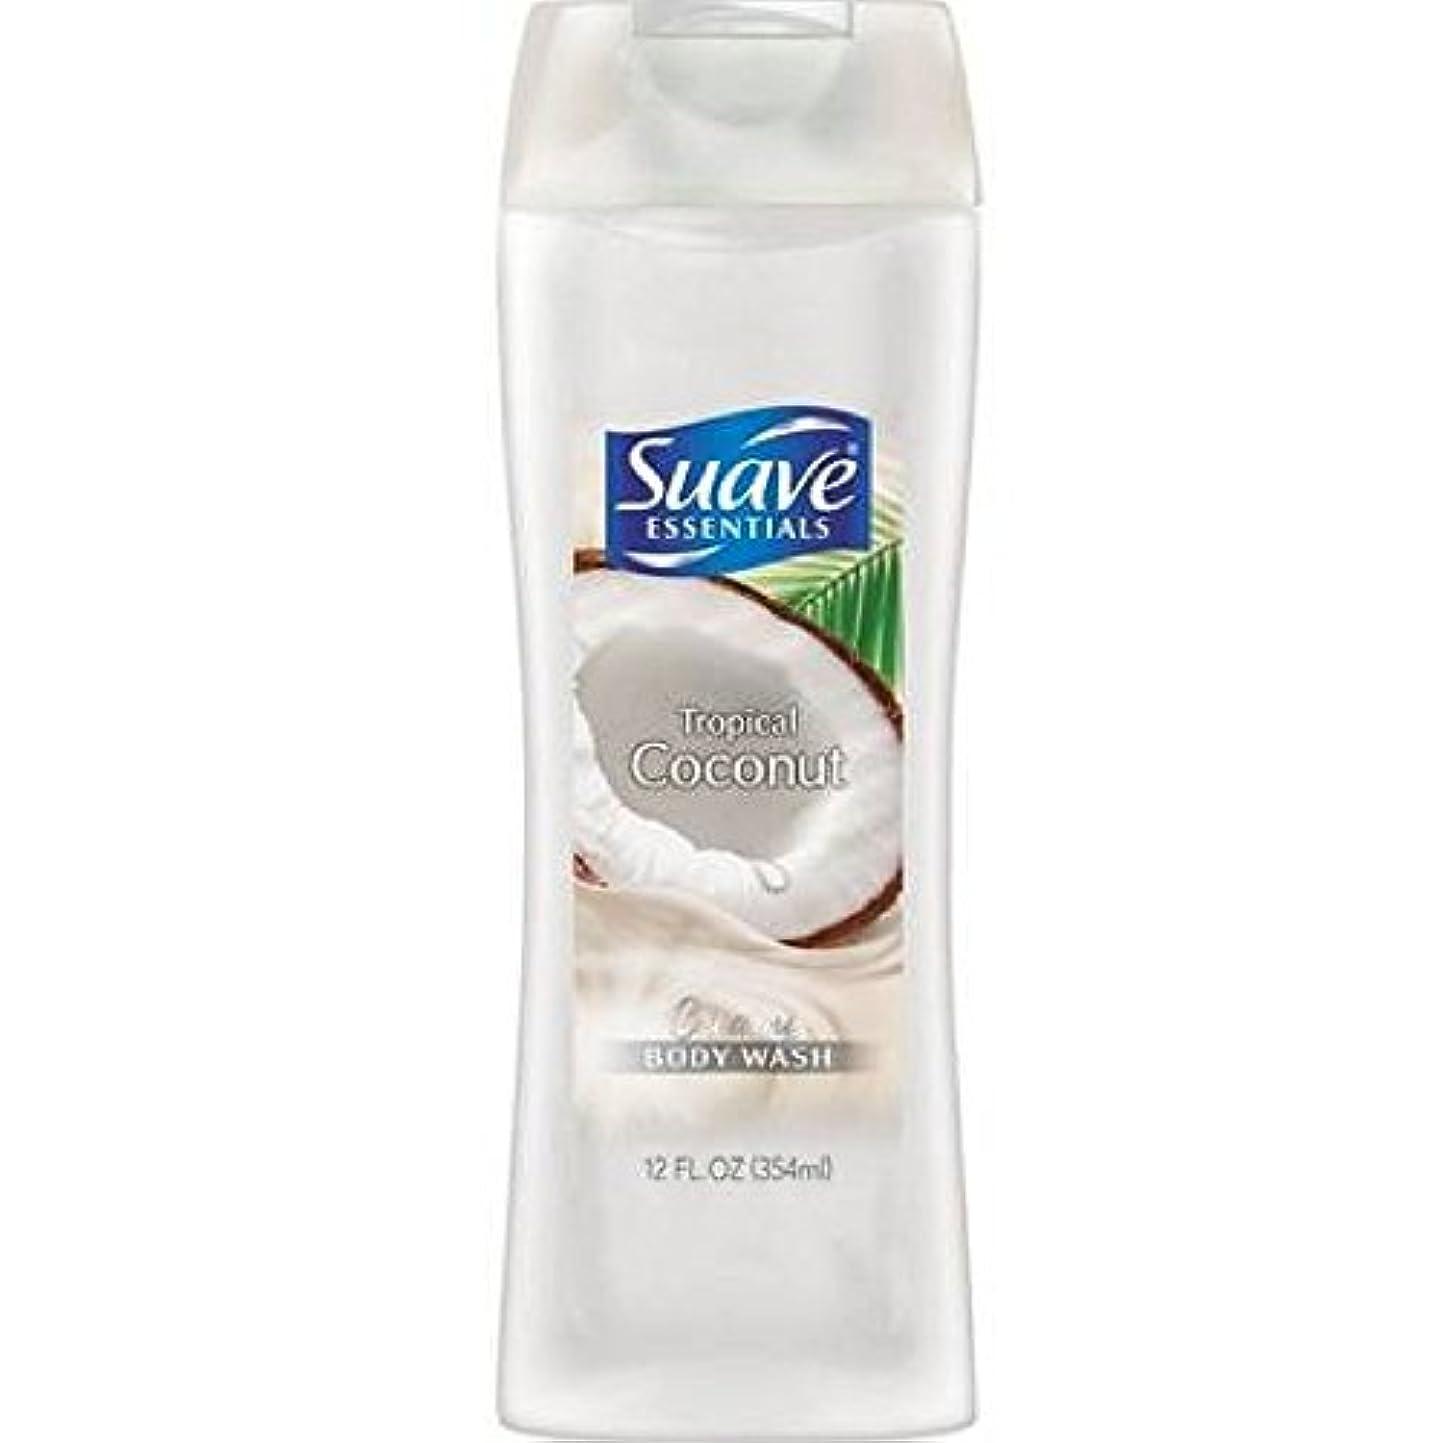 めんどり高架とSuave Naturals Body Wash - Tropical Coconut - 12 oz - 2 pk by Suave [並行輸入品]